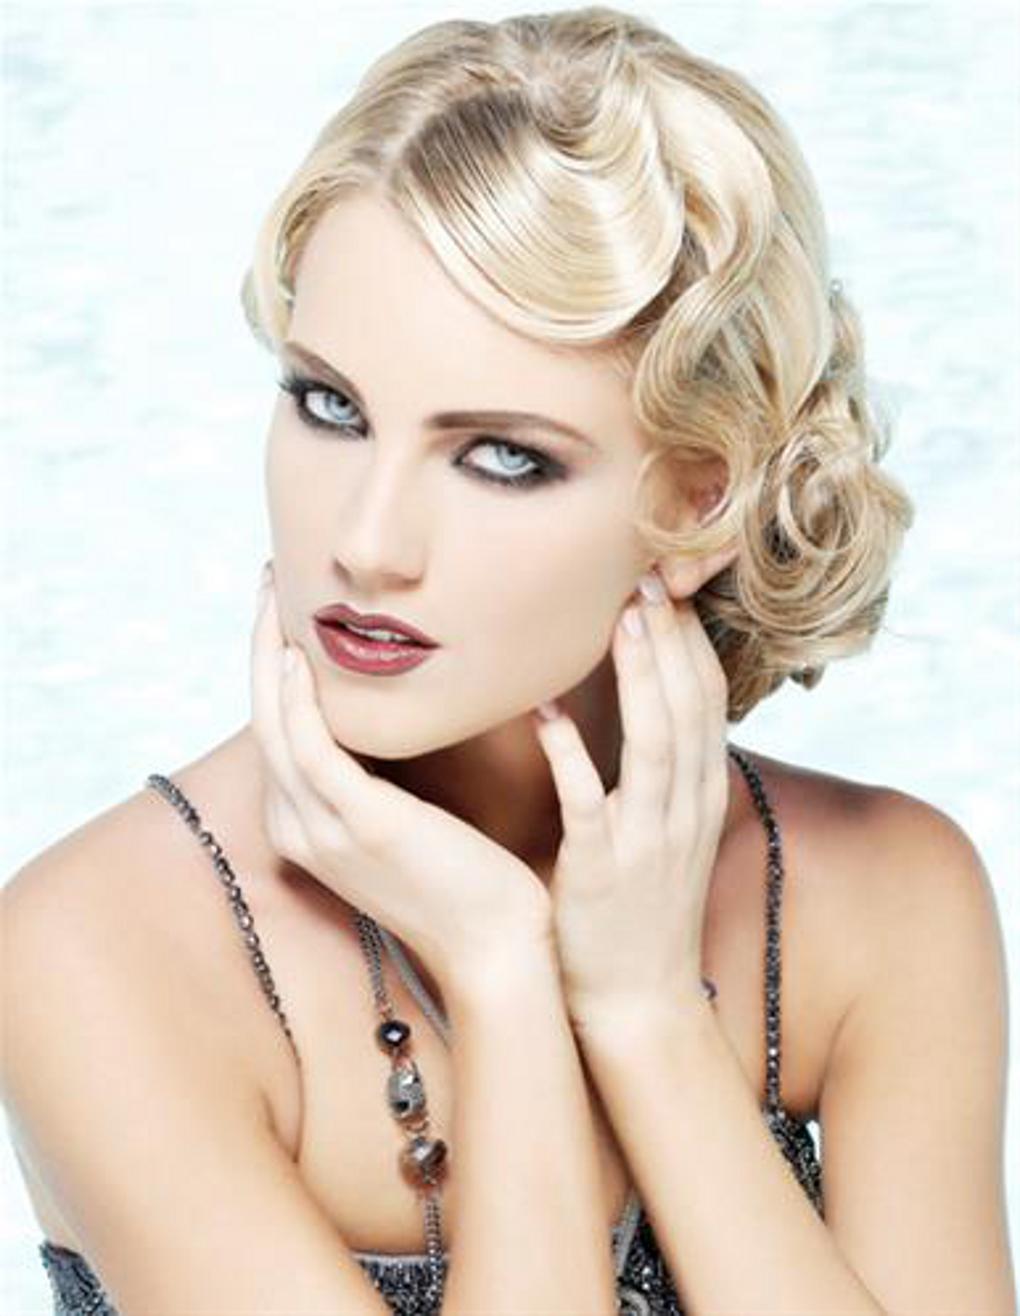 Miss USA 2013: Die Kandidatinnen | Gerrys Blog